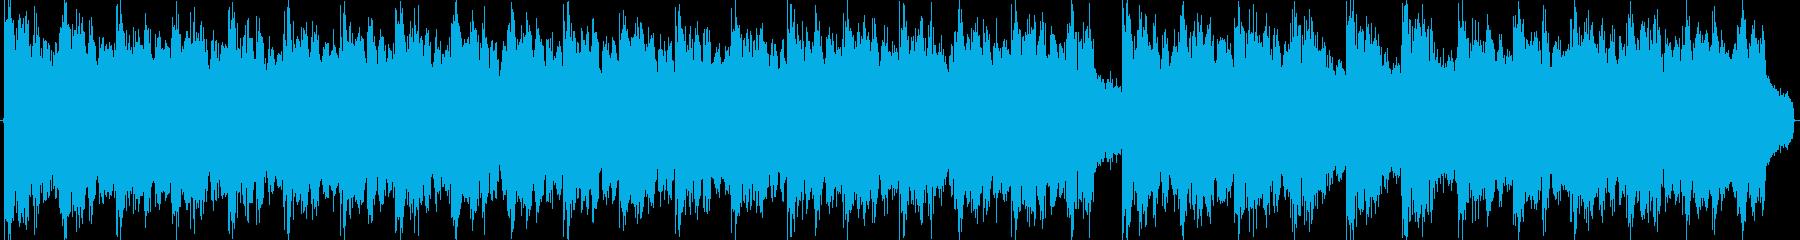 コミカルで軽快なシンセ曲の再生済みの波形